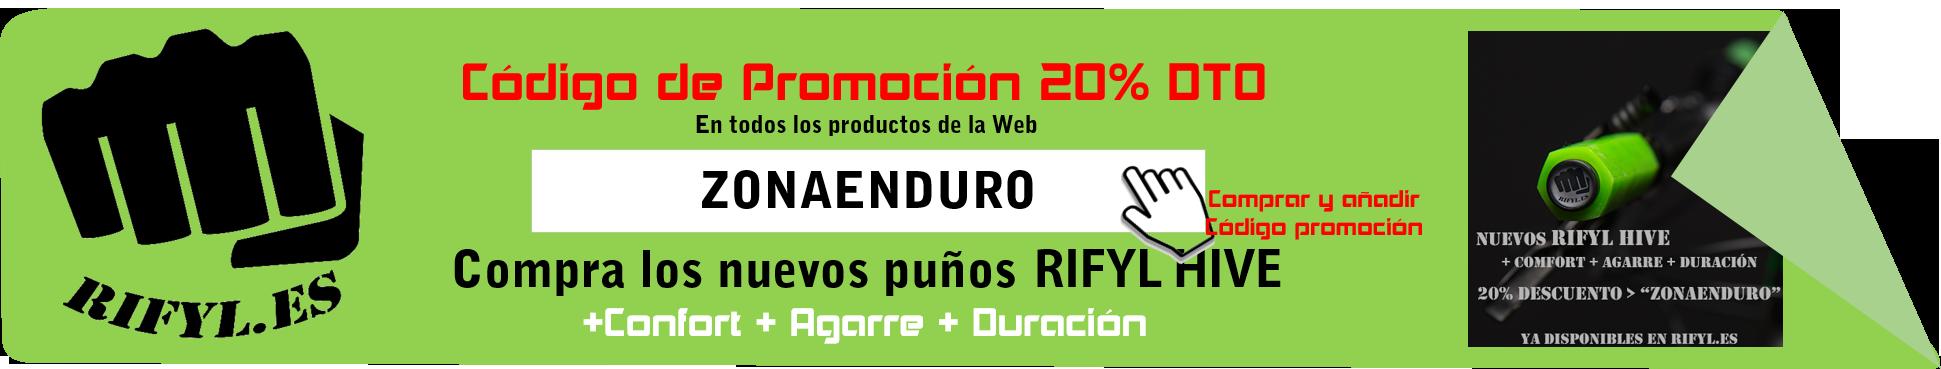 Puños Enduro MTB Ryfil Hive